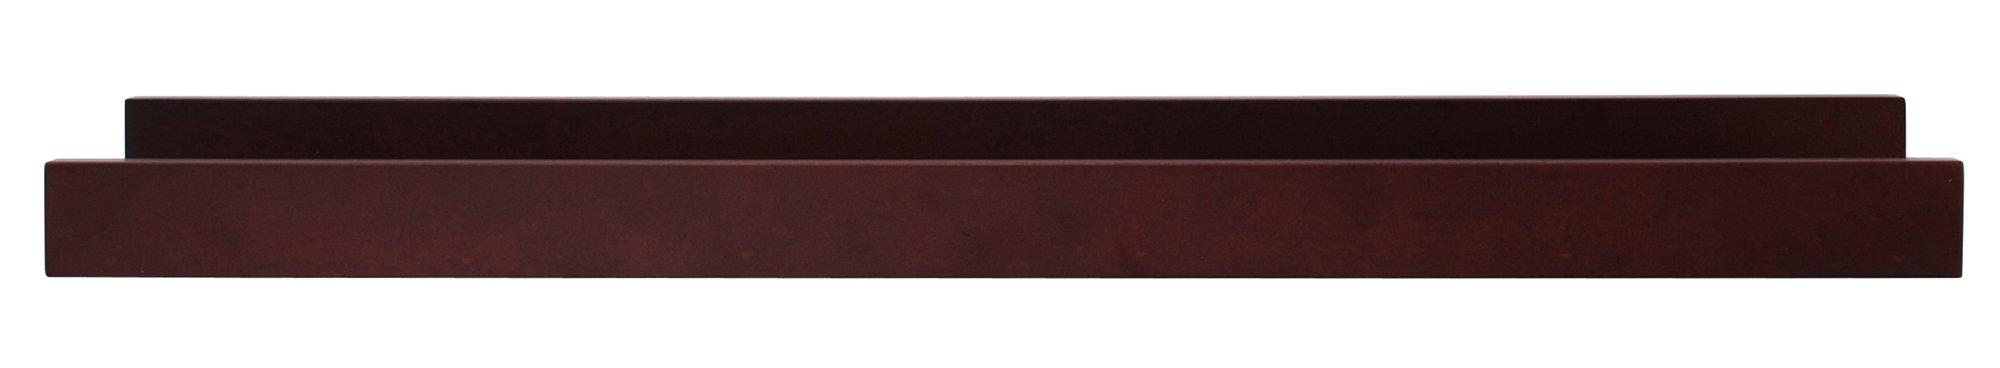 kieragrace Modern floating-shelves, 23-Inch by 4-Inch, Espresso